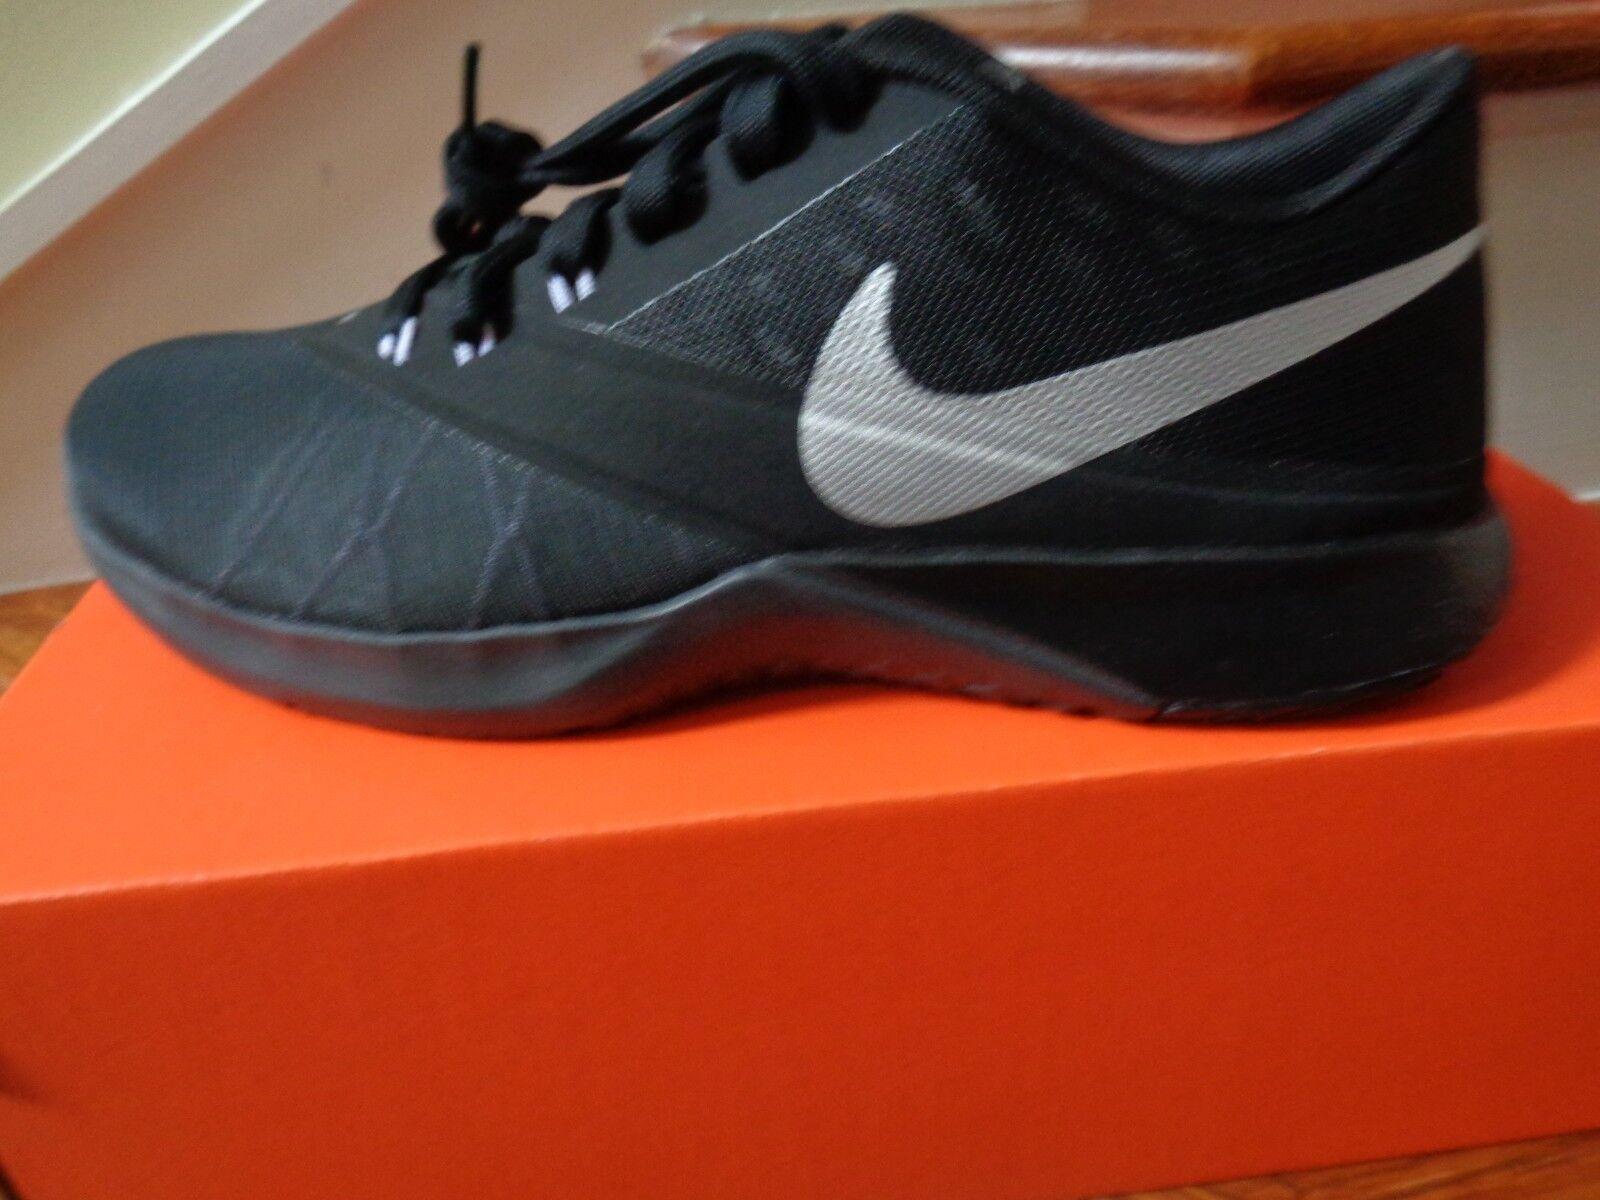 Nike Fs Lite Trainer 4 Uomini   Da Corsa, 844794 001 Misura 7,5 Nwb